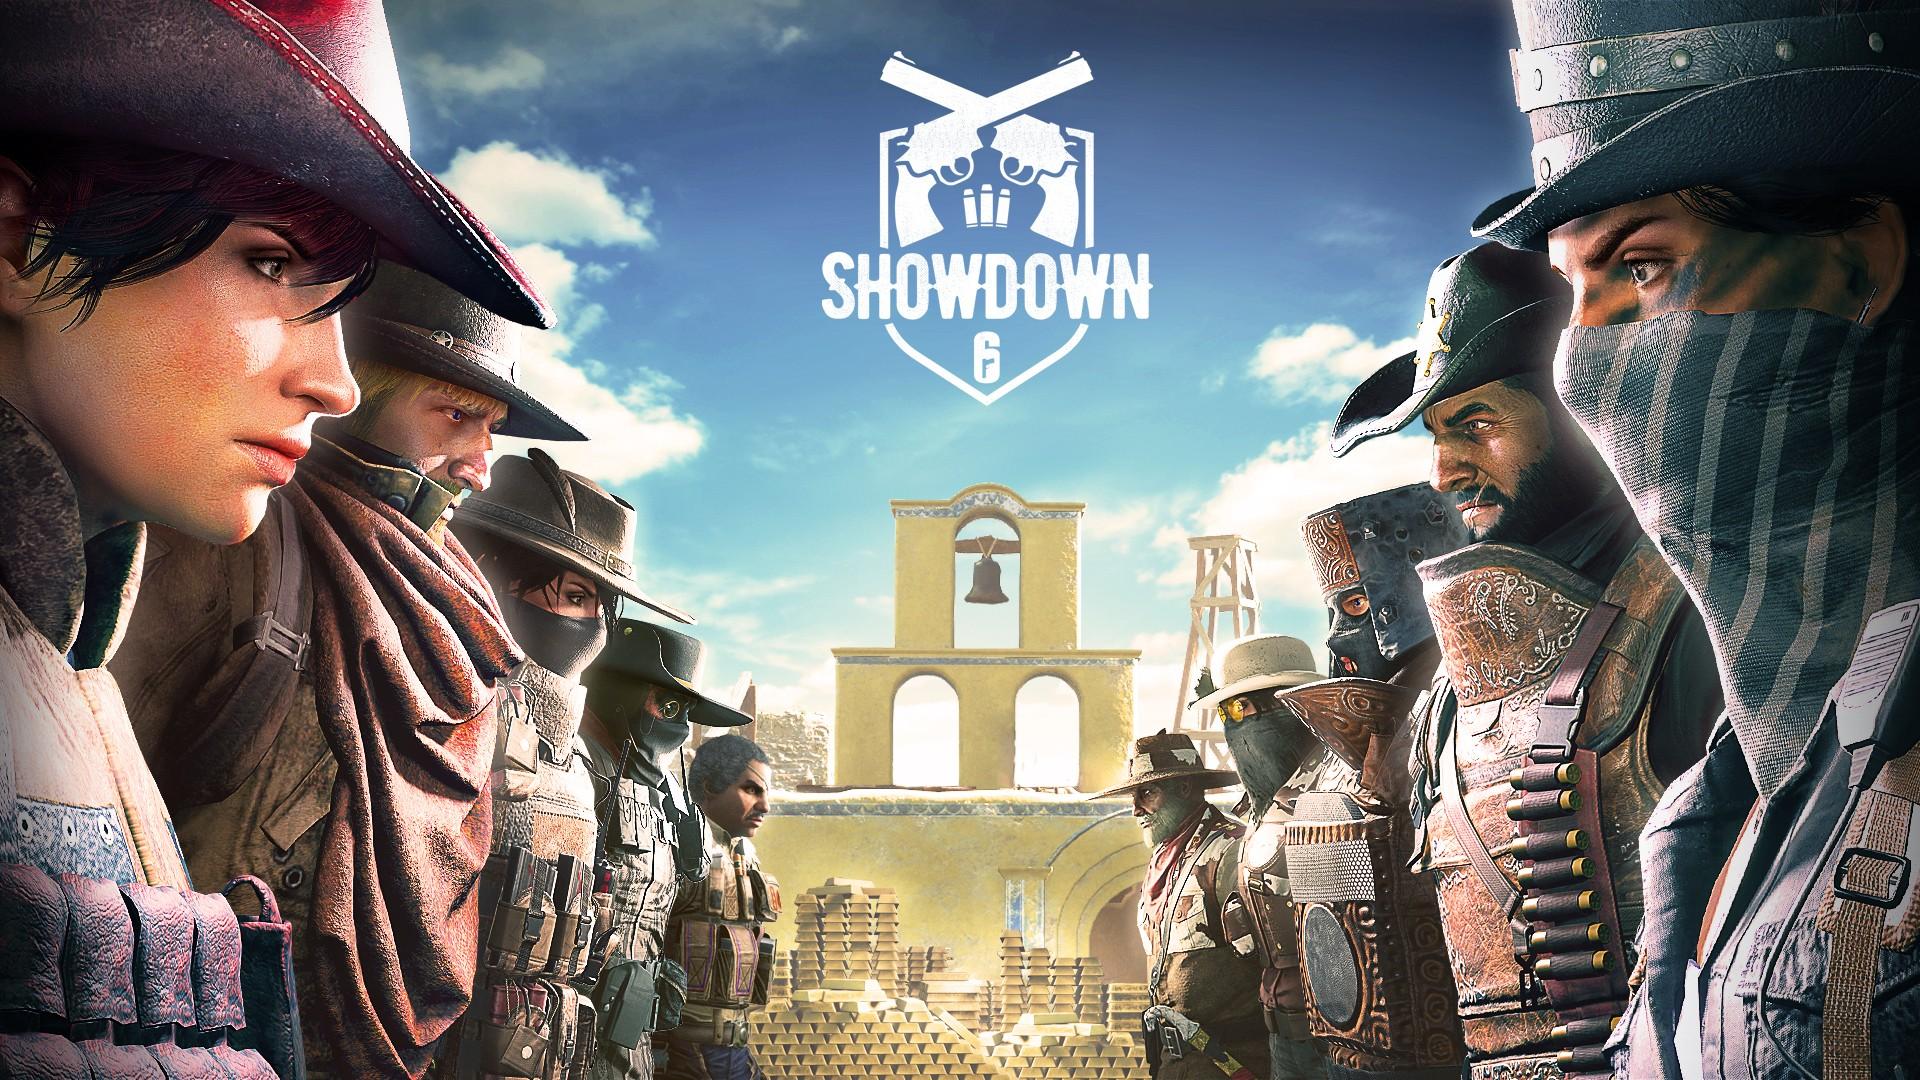 Cómo es Showdown, el evento exclusivo que llega a Rainbow Six Siege